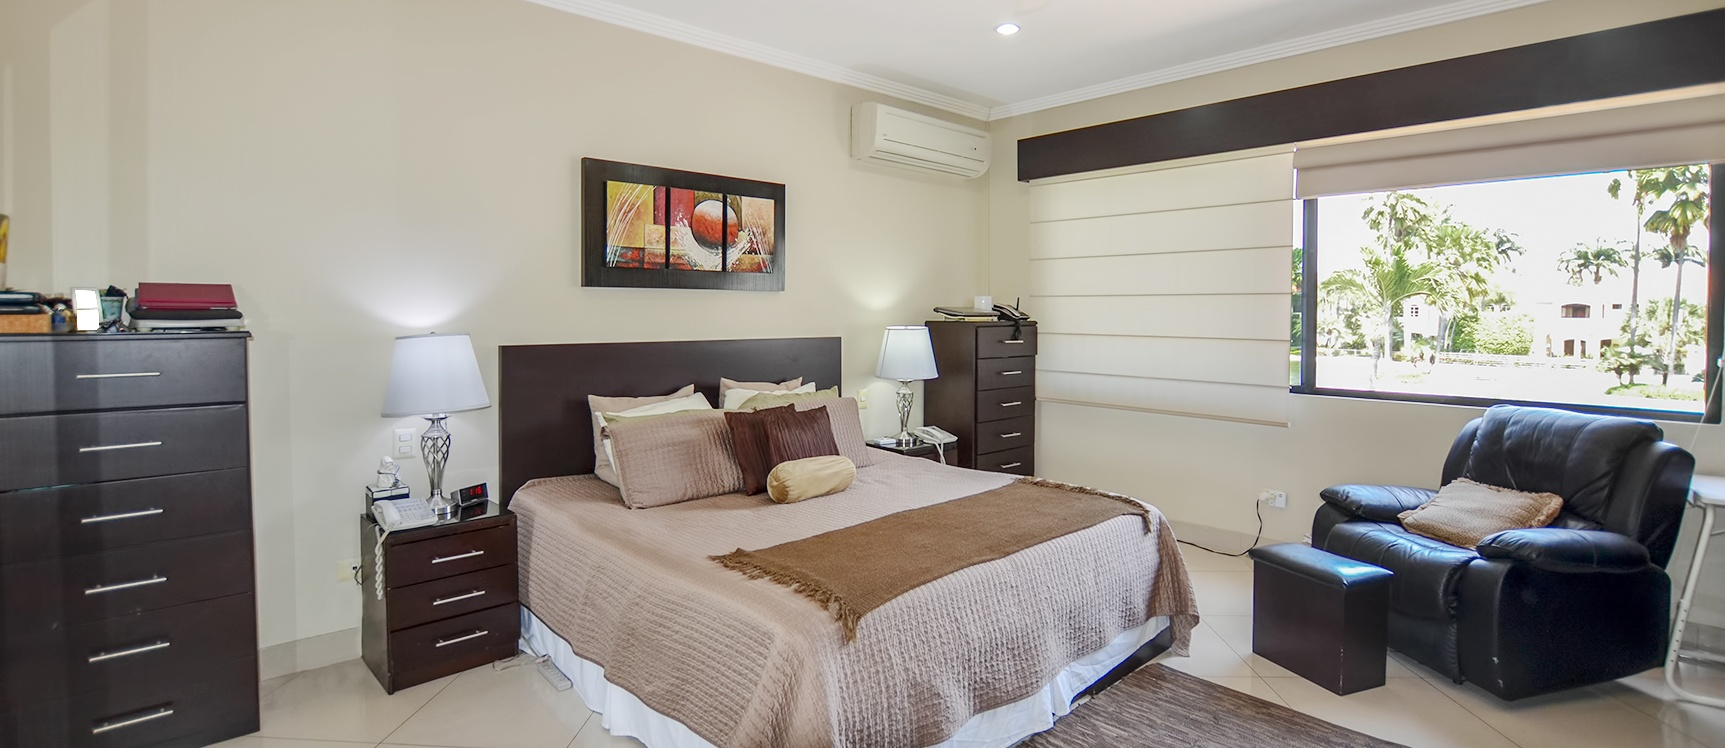 GeoBienes - Casa en venta en Lago Sol sector vía a Samborondón - Plusvalia Guayaquil Casas de venta y alquiler Inmobiliaria Ecuador